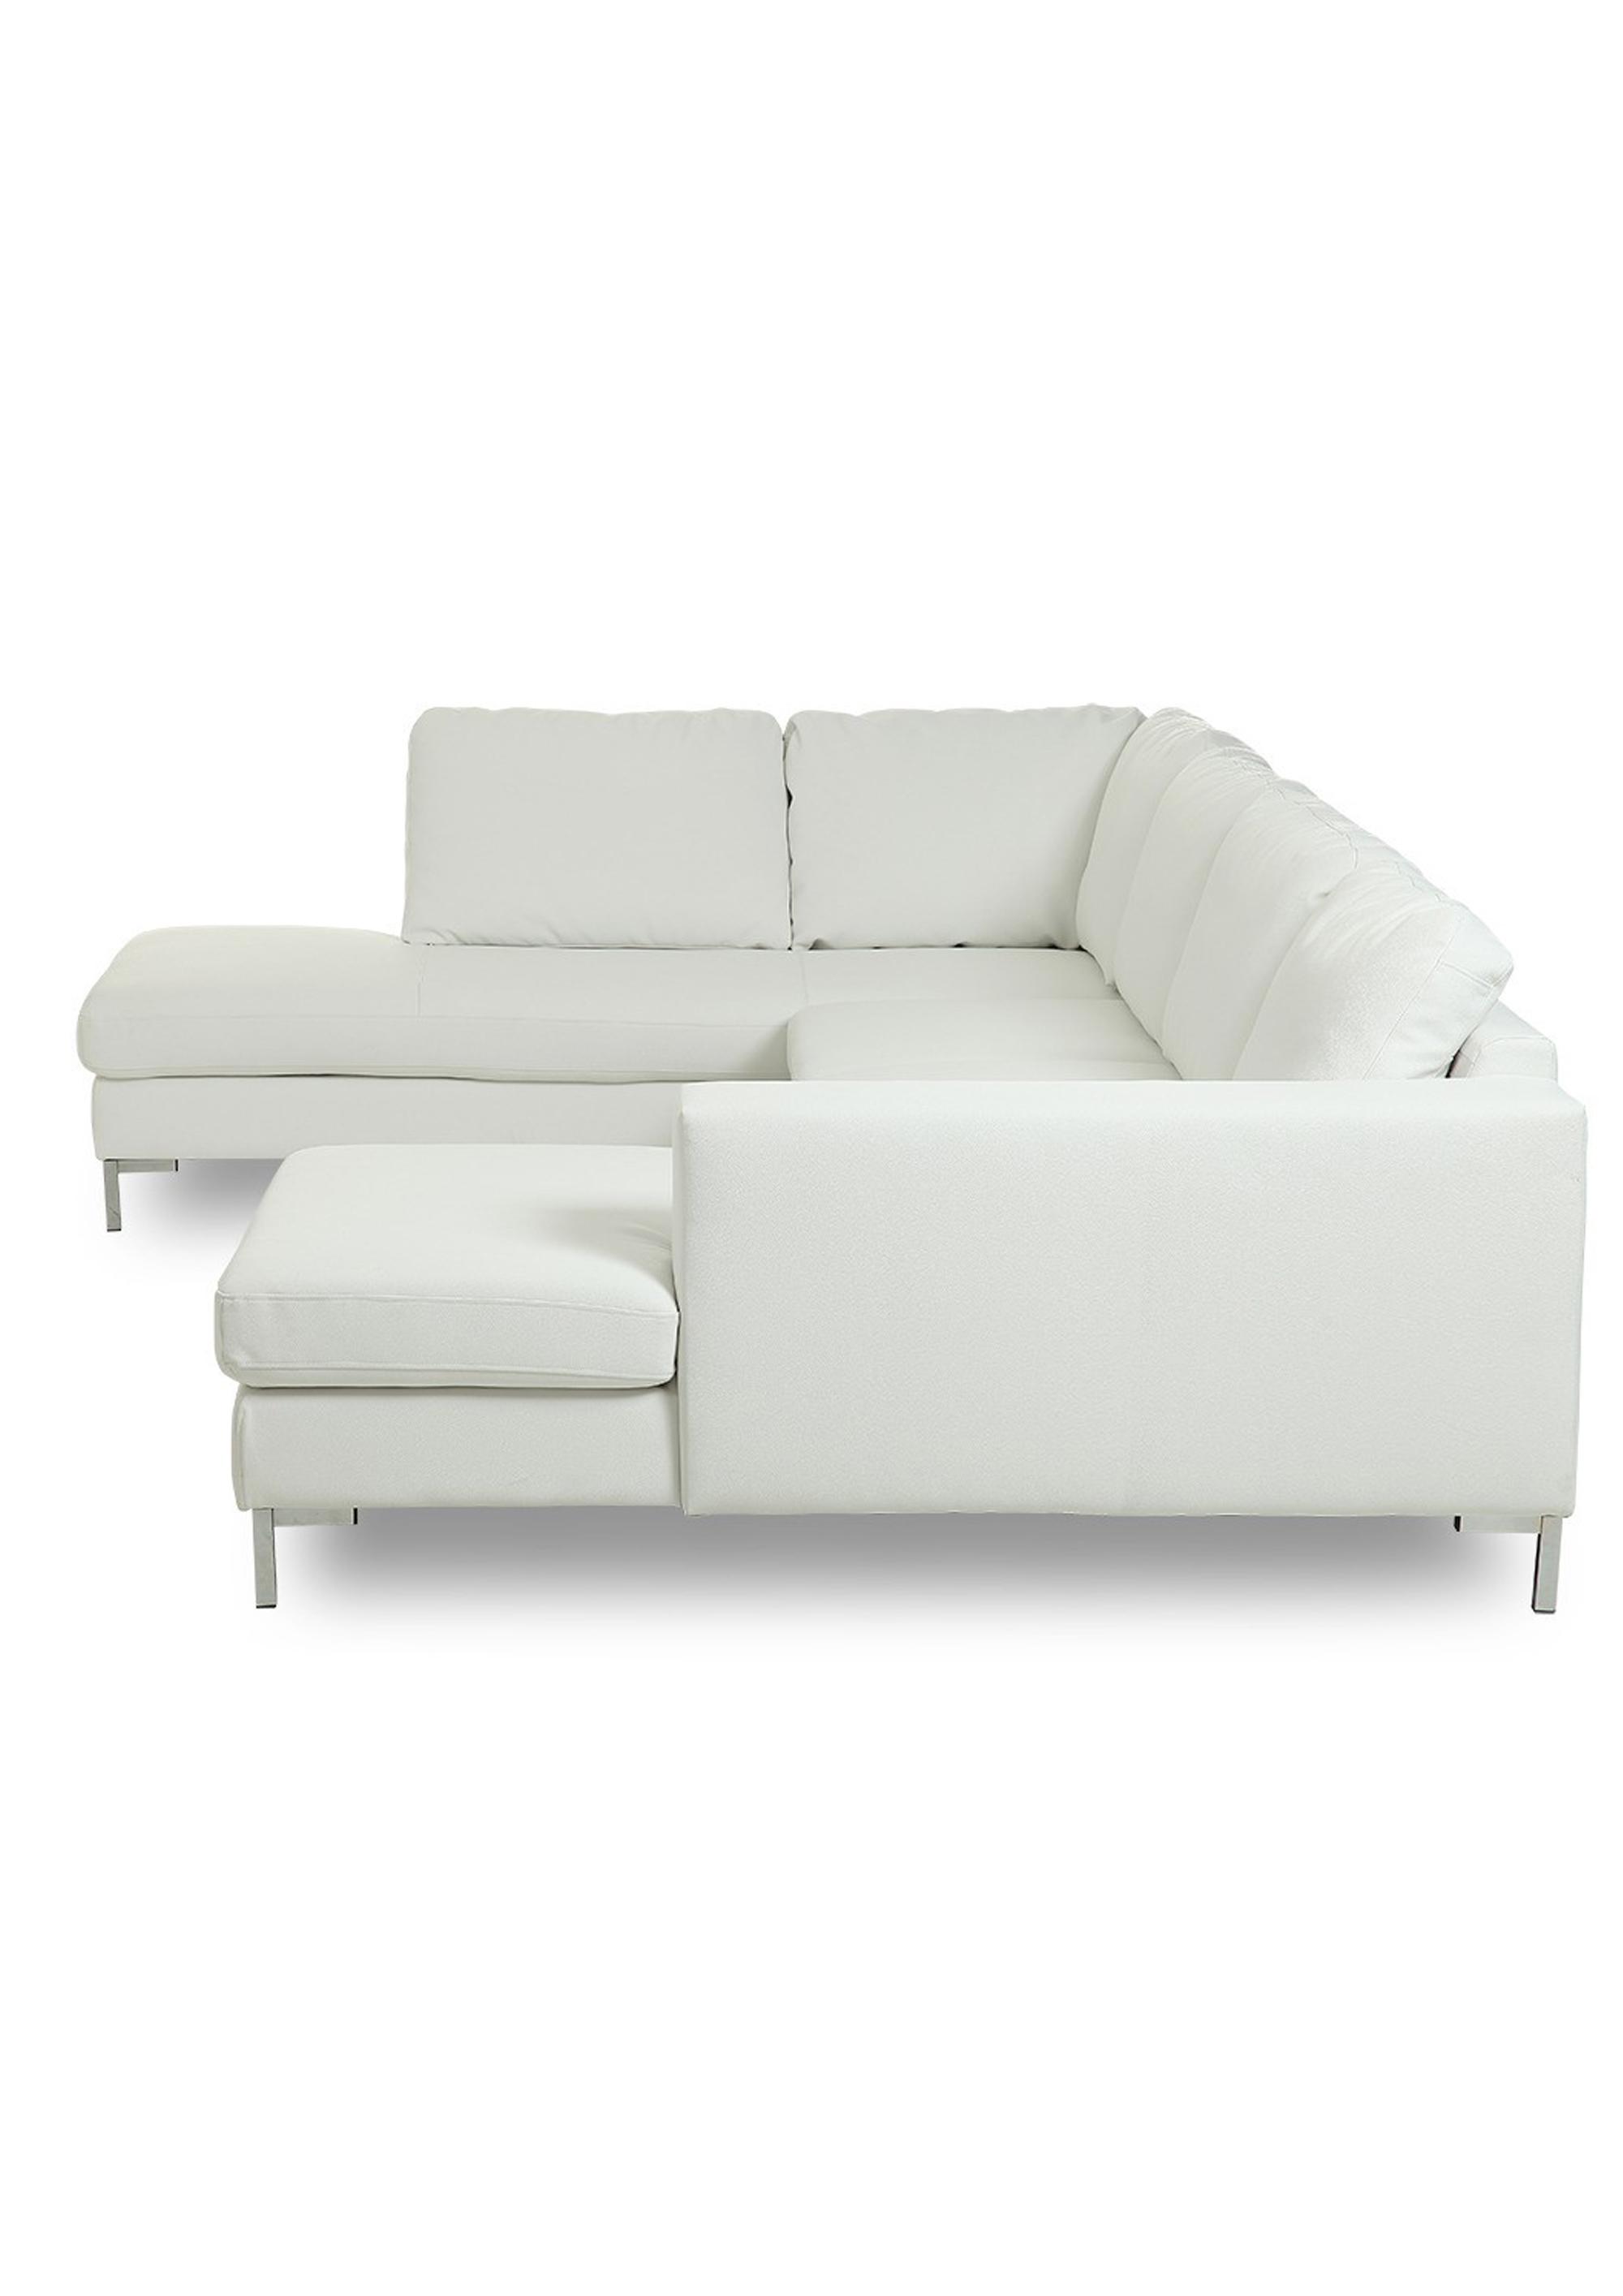 gratis levering k b her hjemme hos m bel salg. Black Bedroom Furniture Sets. Home Design Ideas